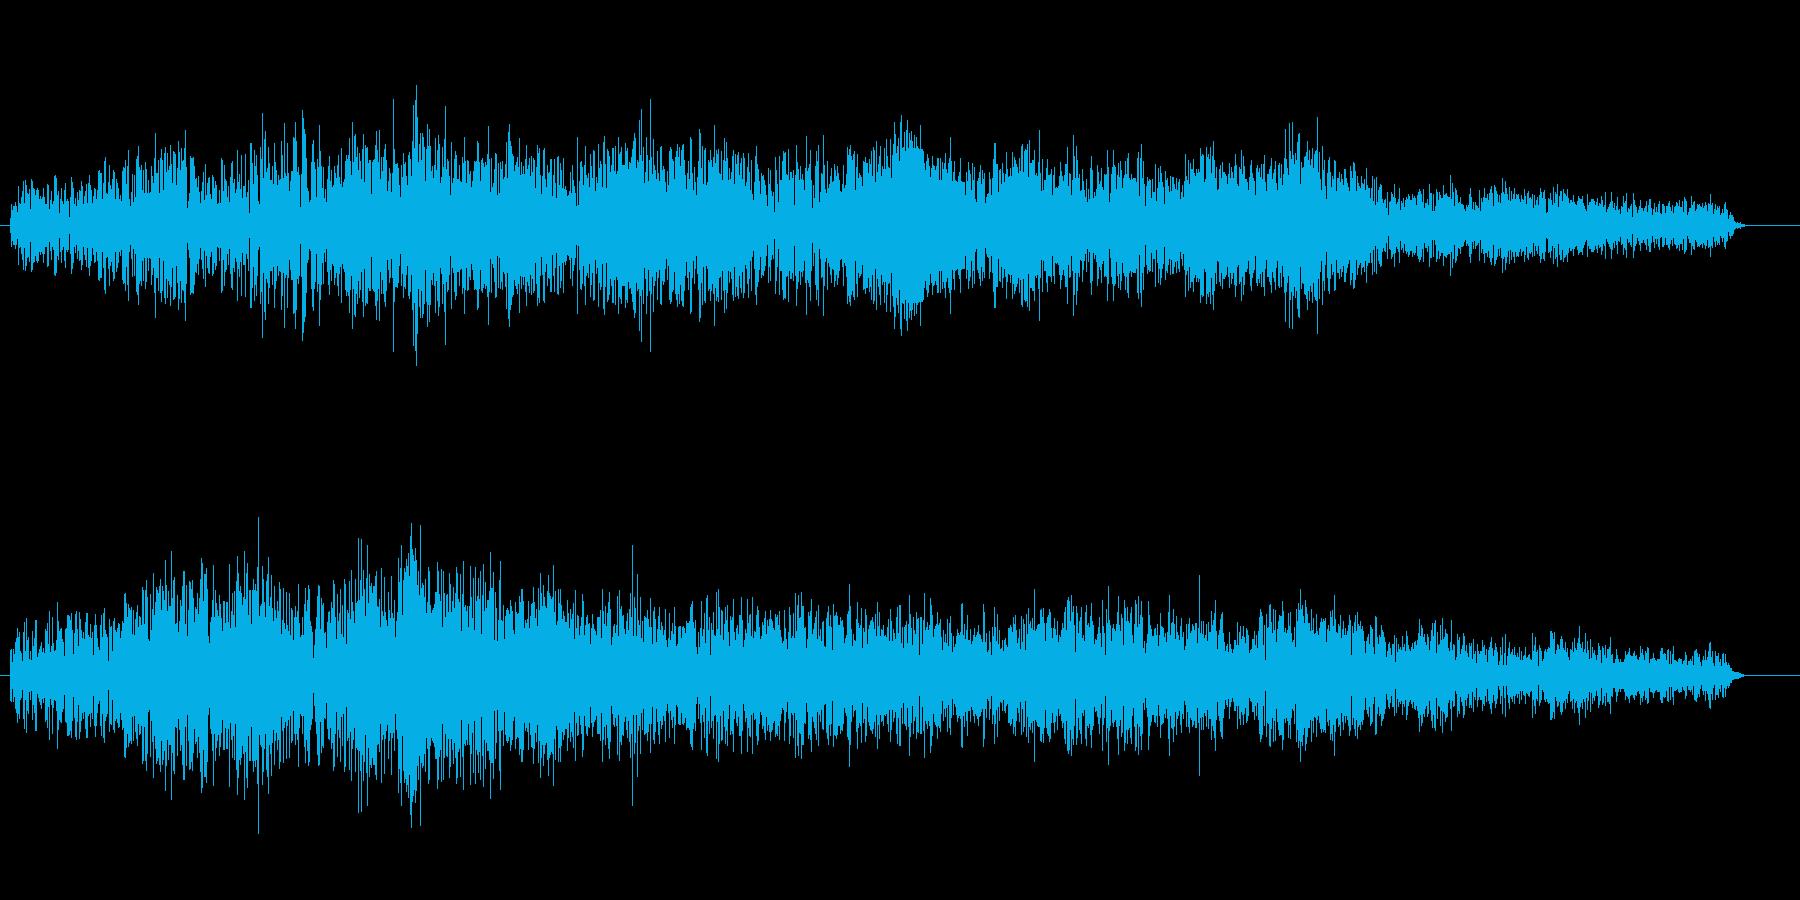 ゴワワワーンという音の再生済みの波形